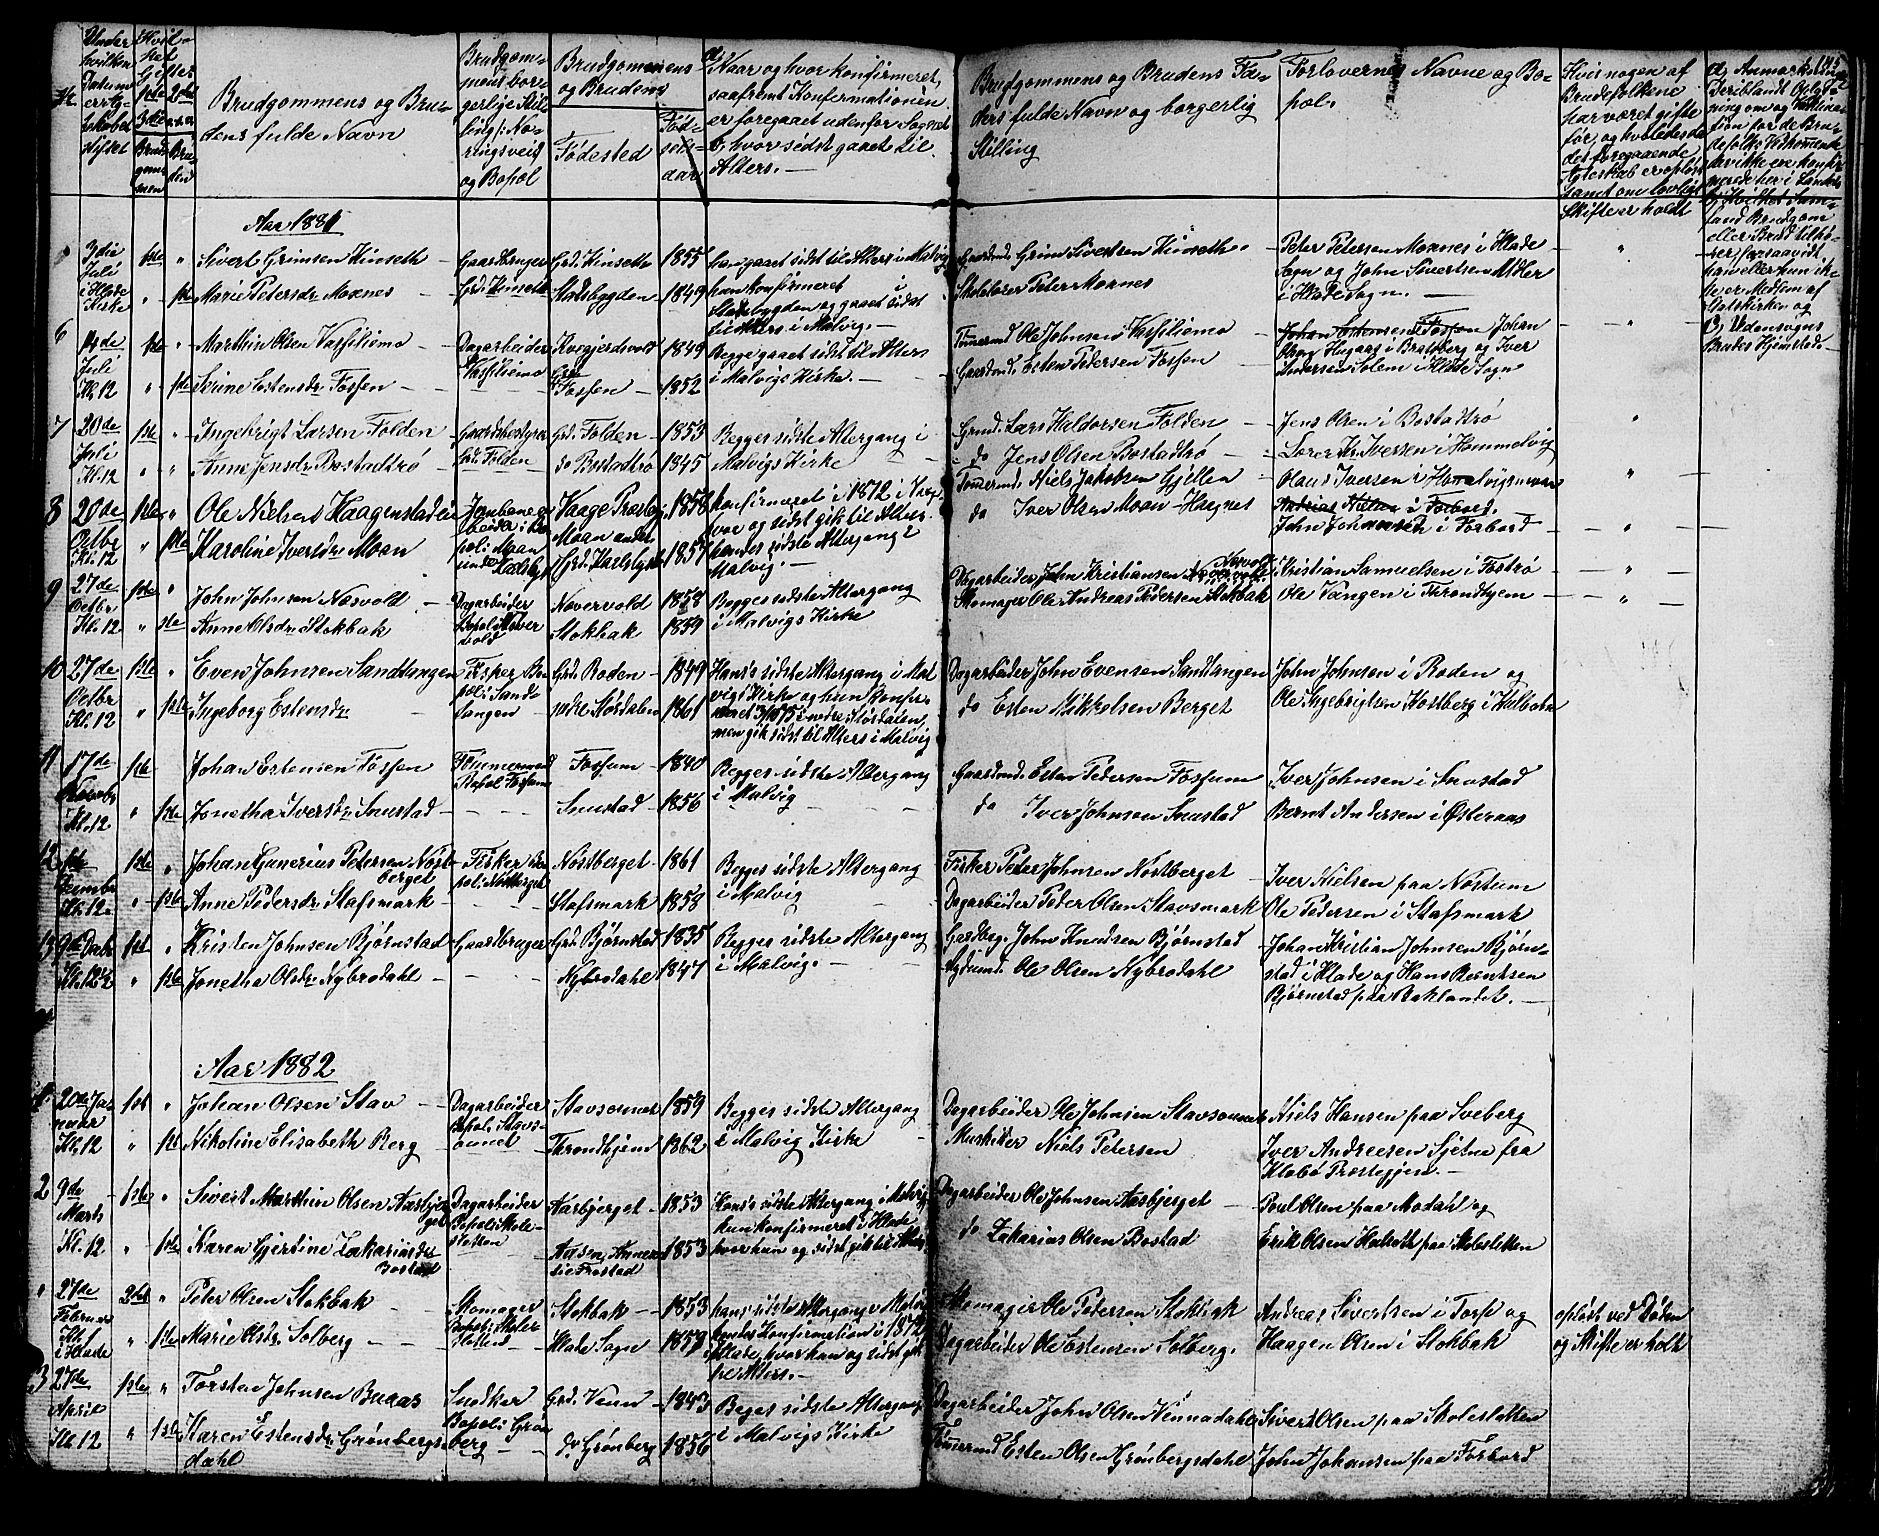 SAT, Ministerialprotokoller, klokkerbøker og fødselsregistre - Sør-Trøndelag, 616/L0422: Klokkerbok nr. 616C05, 1850-1888, s. 145